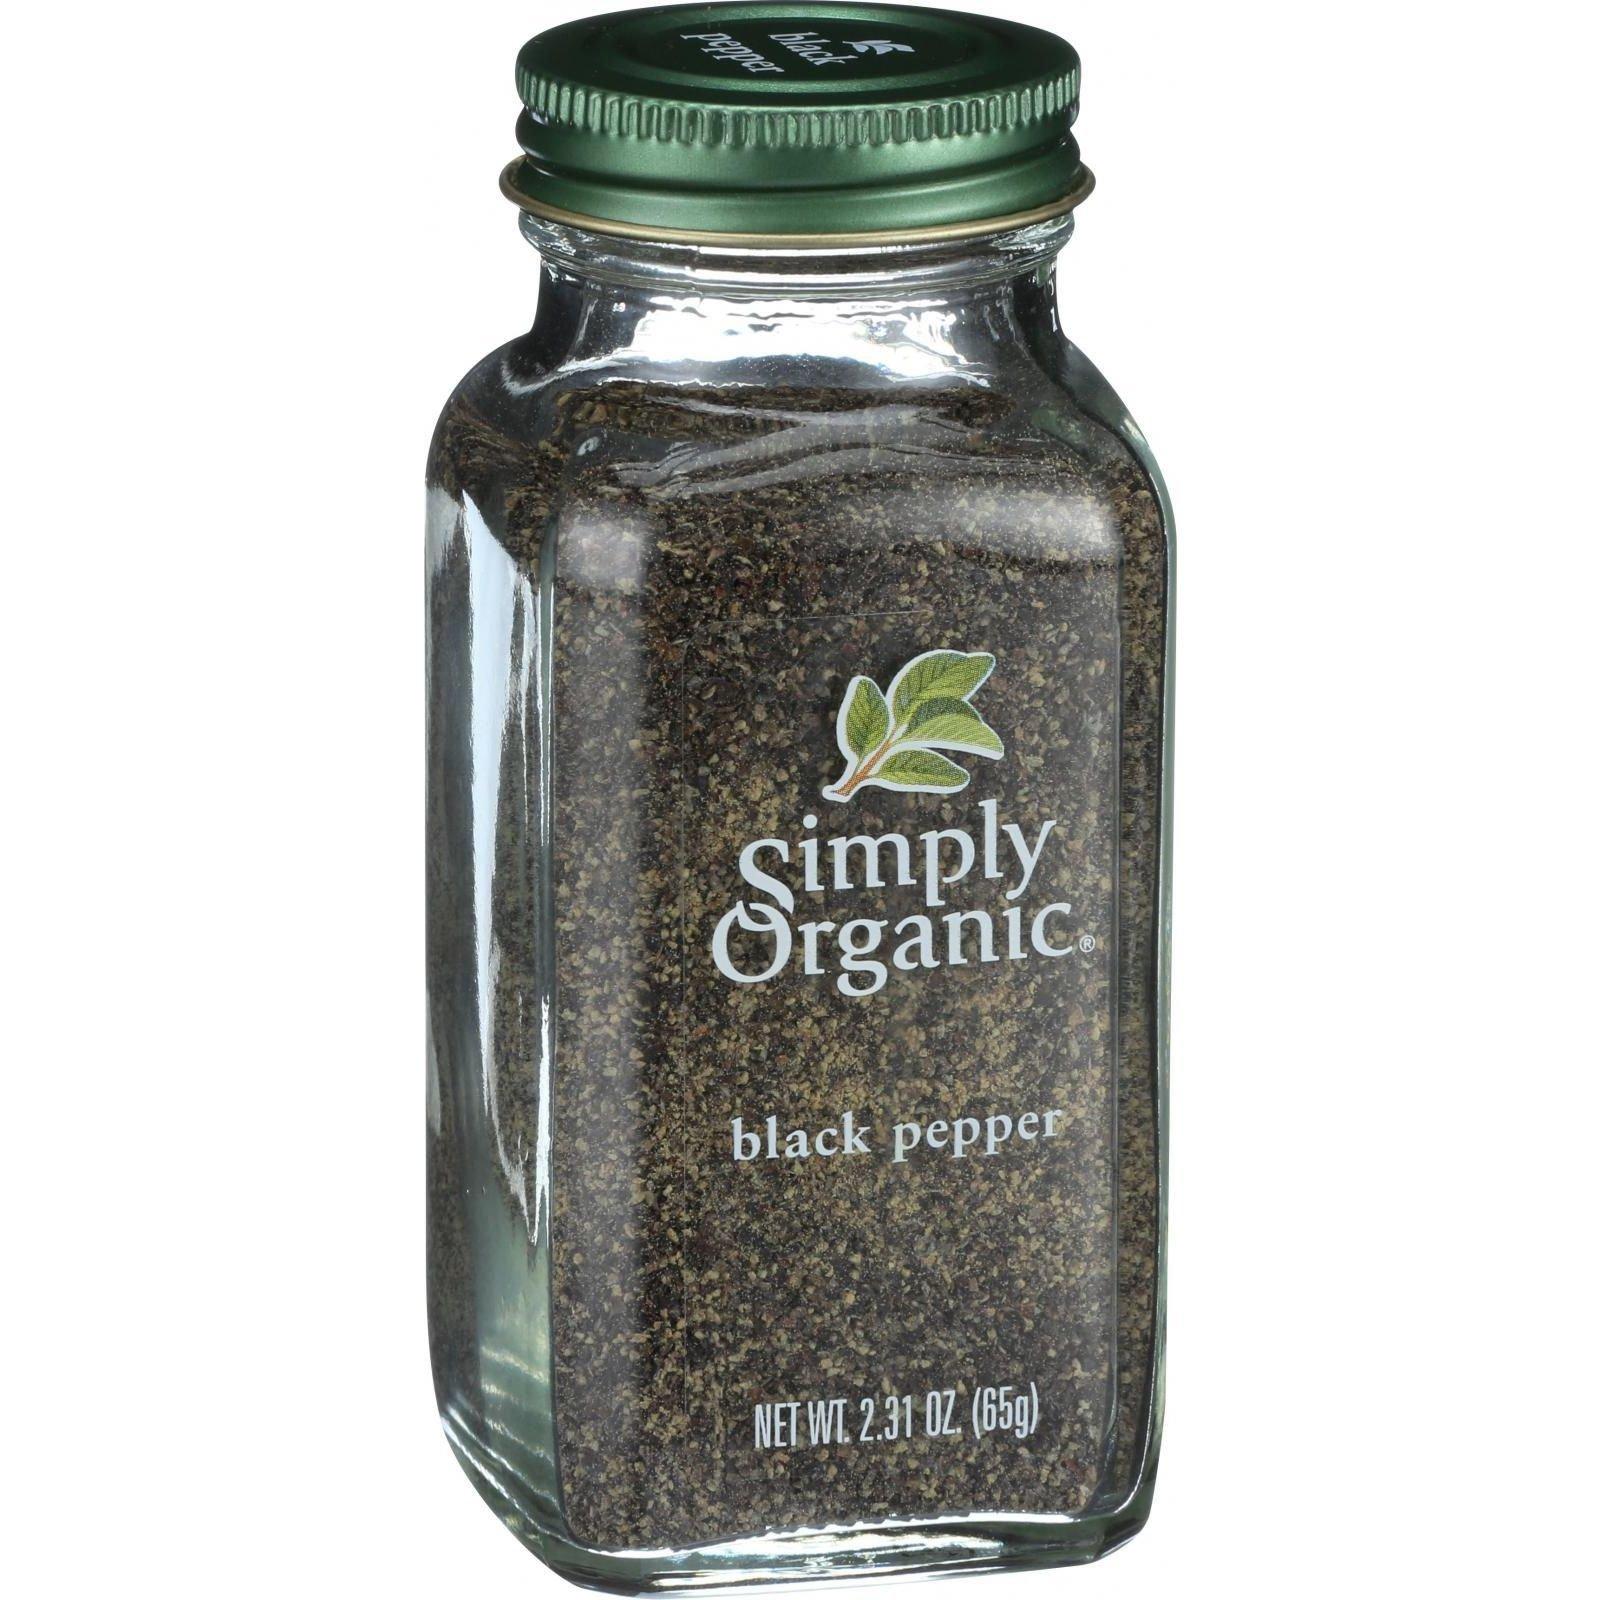 Simply Organic Black Pepper, 2.31 Ounce - 6 per case